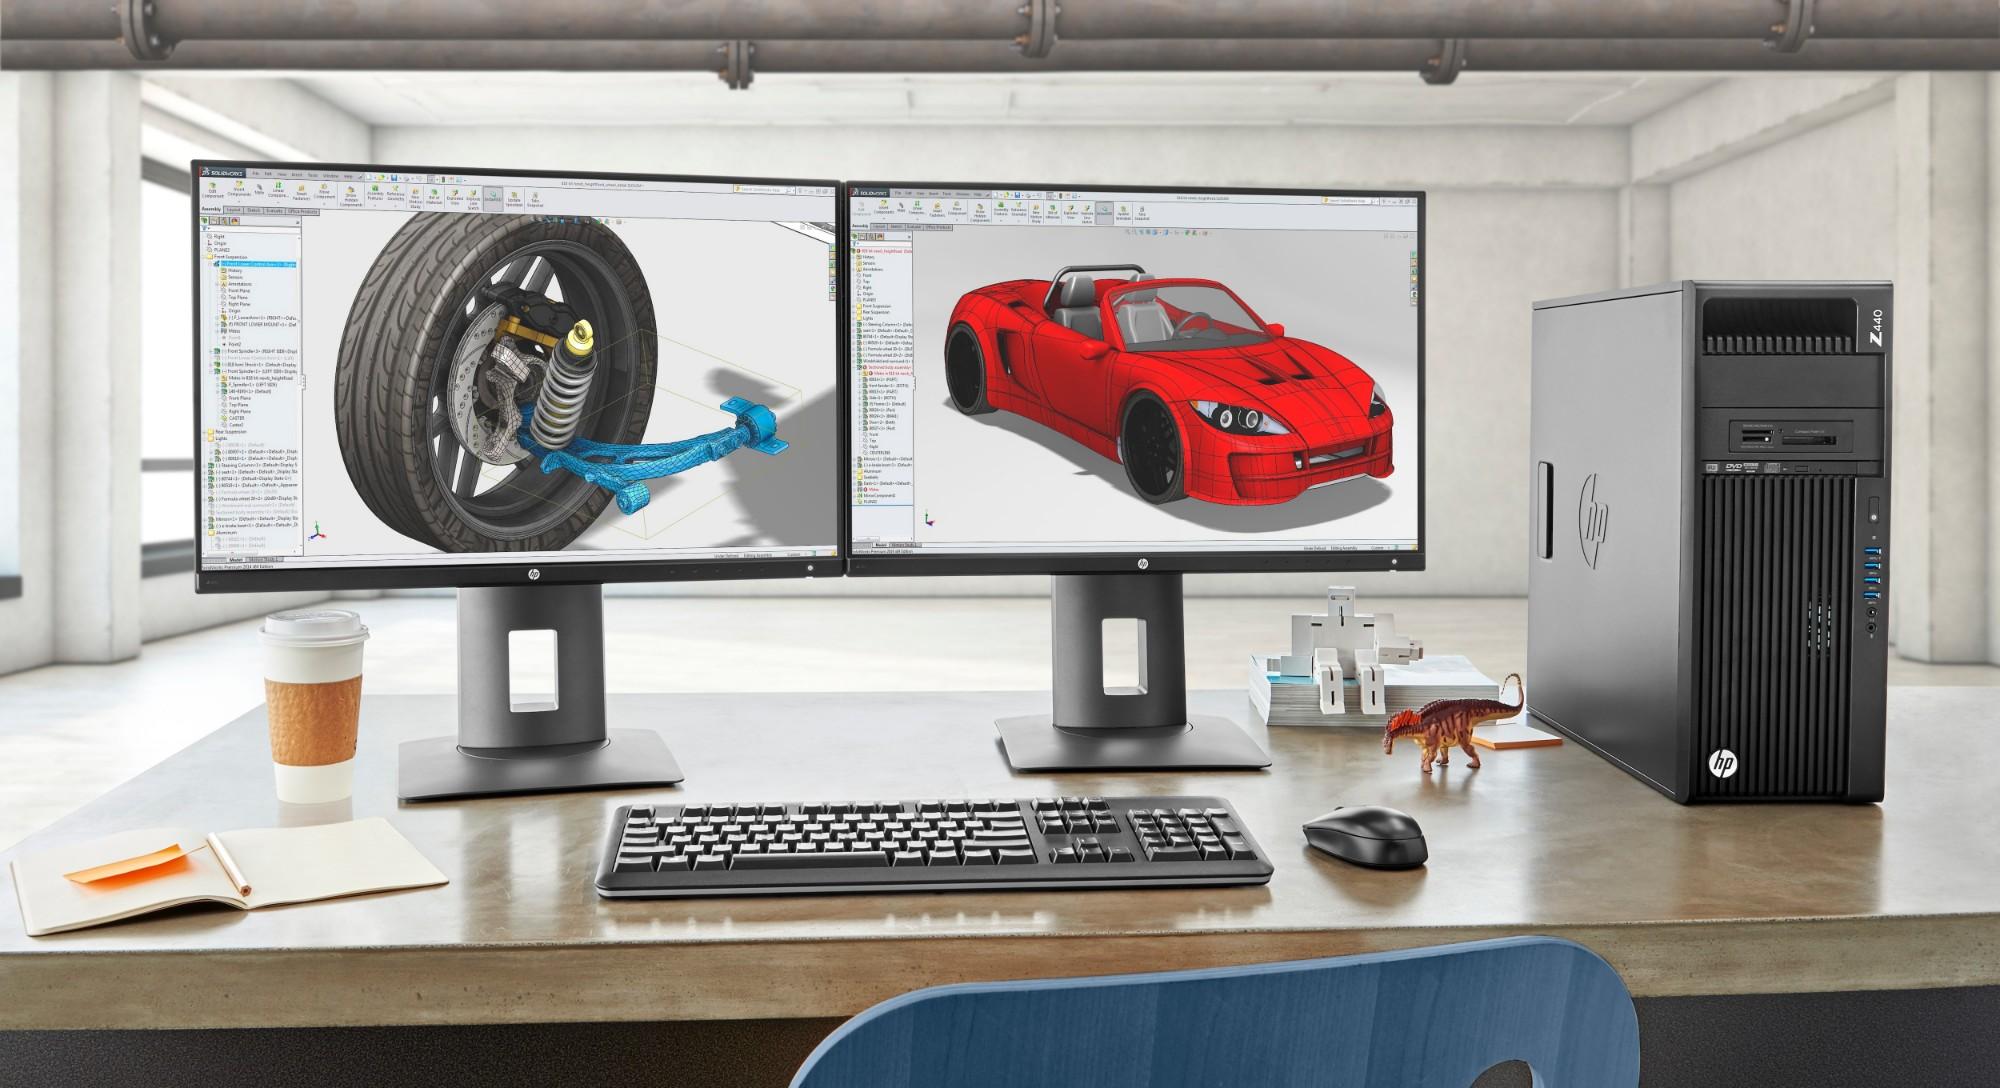 HP Z440 2 8 GHz Intel Xeon E5 v3 E5-1603V3 Black Mini Tower